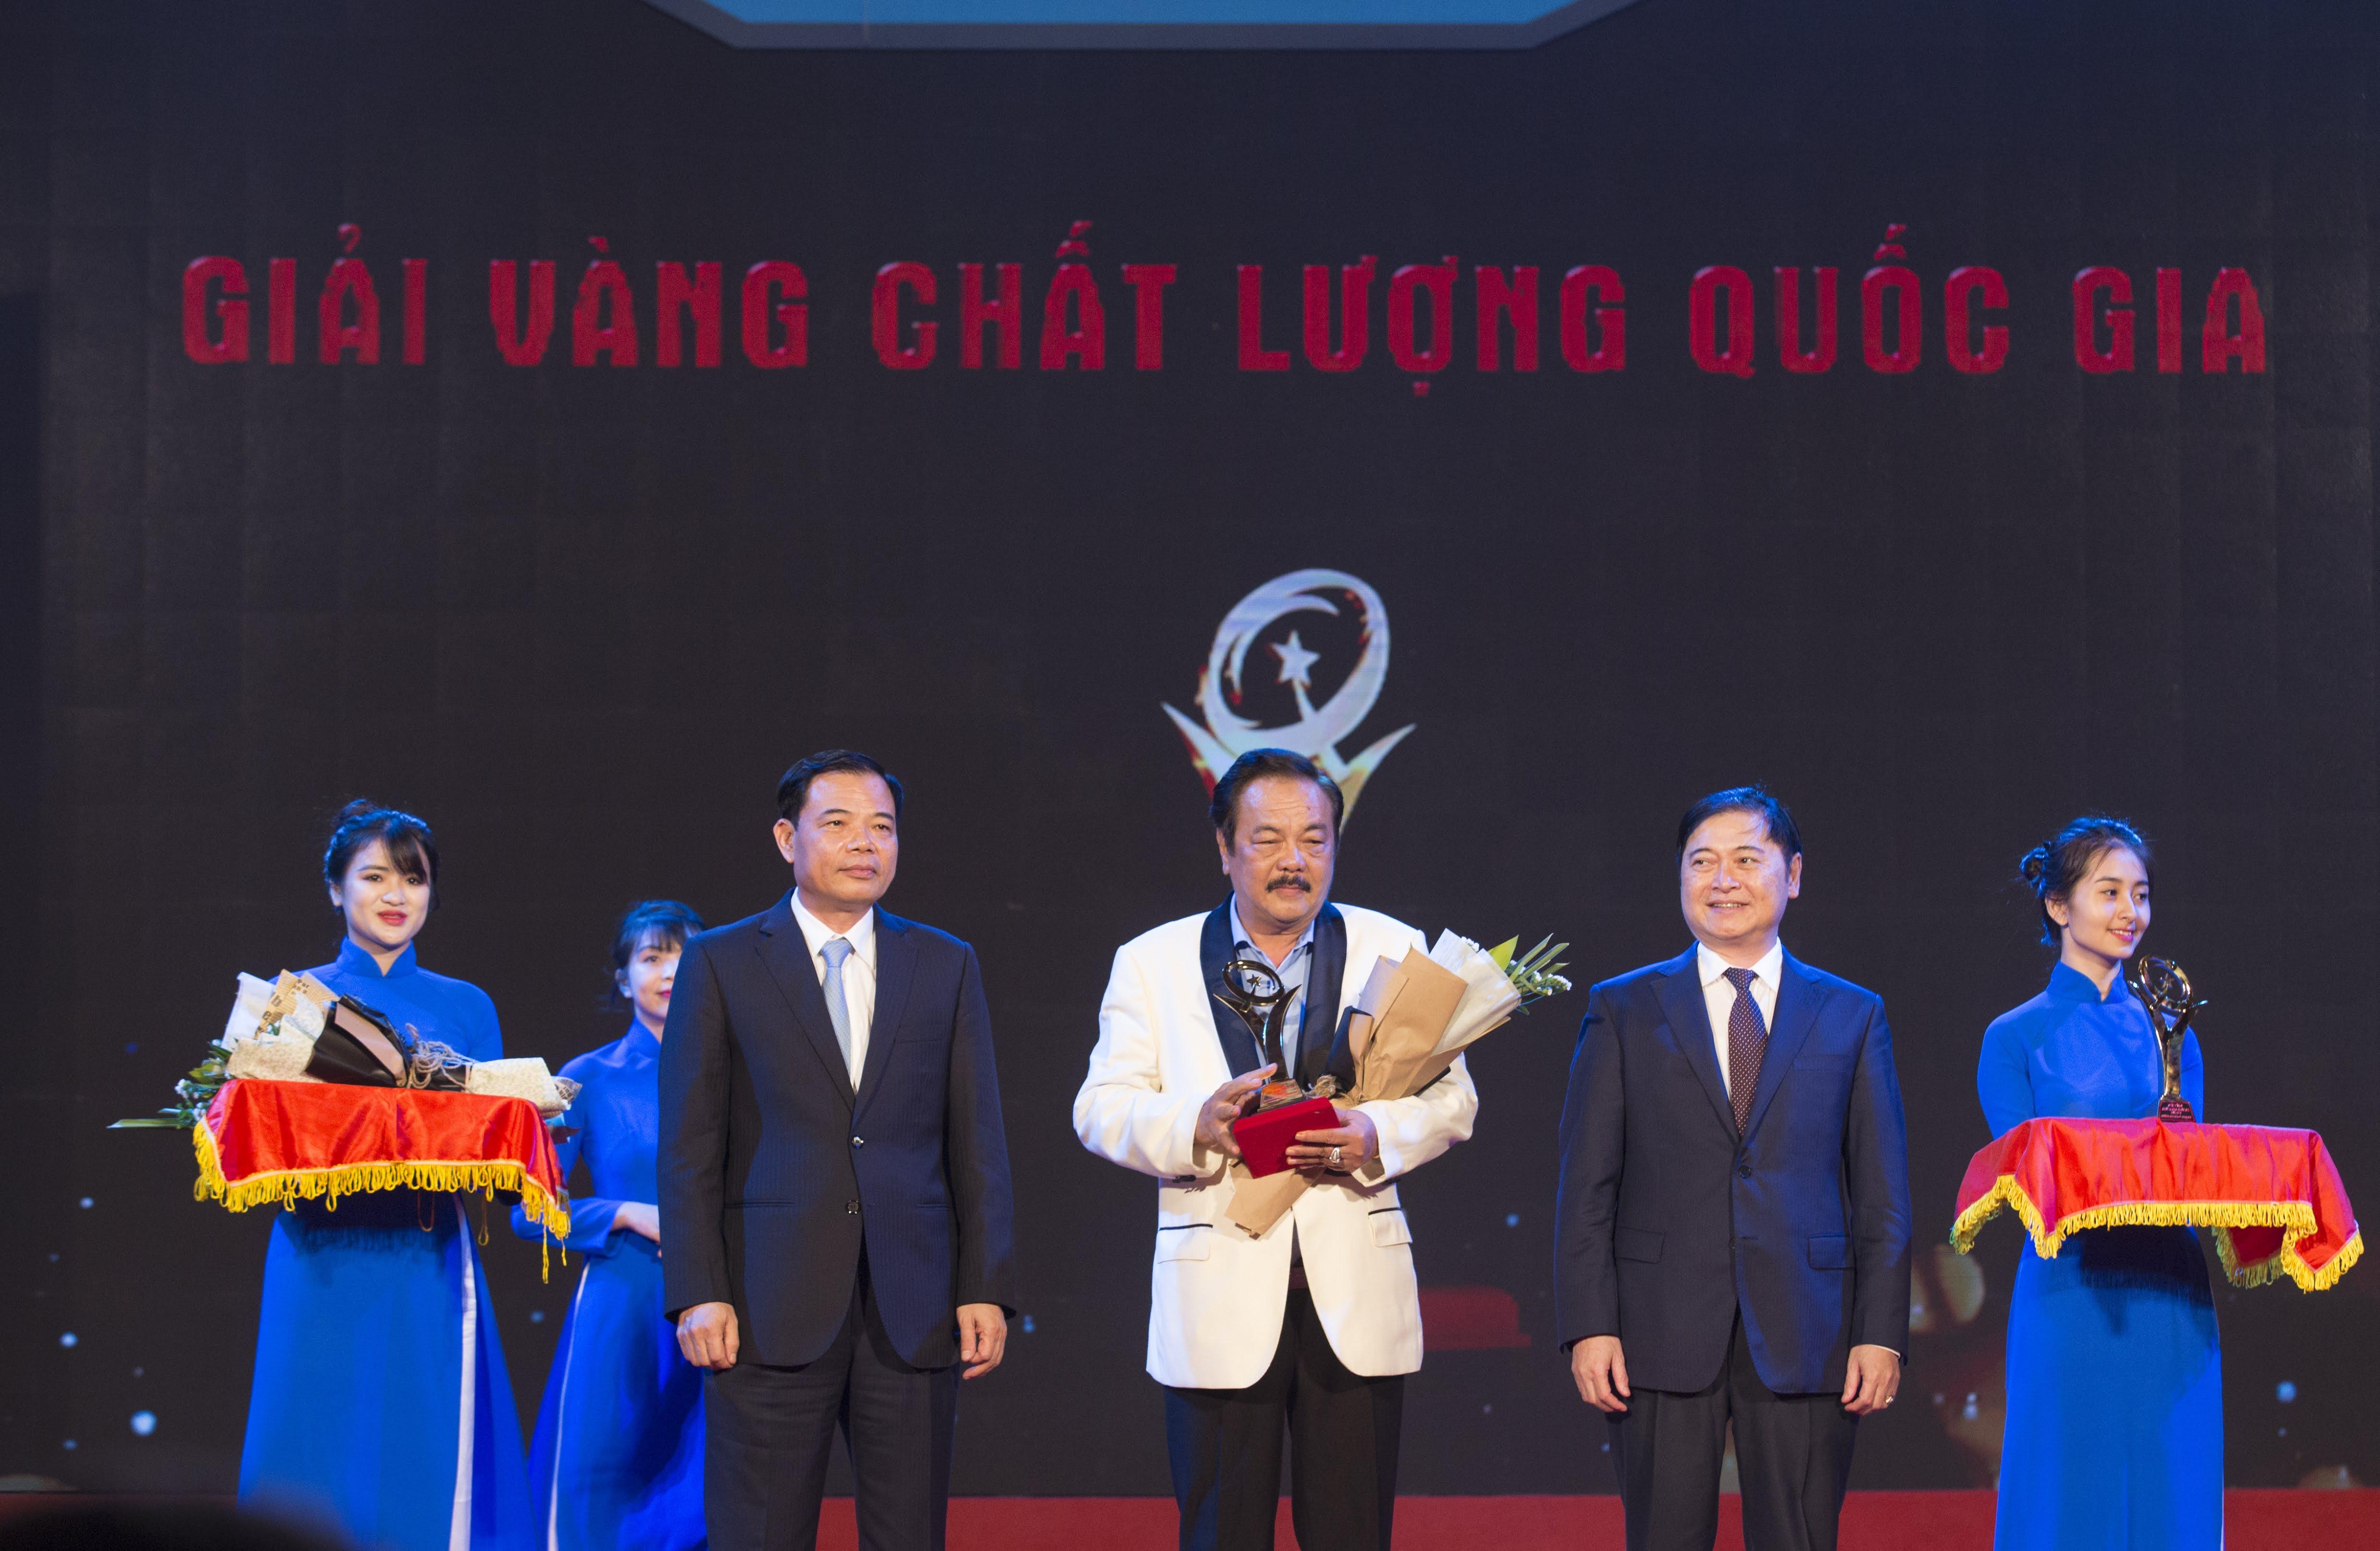 """CEO Trần Quí Thanh: """"Giải Vàng Chất lượng quốc gia khẳng định doanh nghiệp sản xuất, kinh doanh sản phẩm, dịch vụ đẳng cấp thế giới""""  - Ảnh 1"""